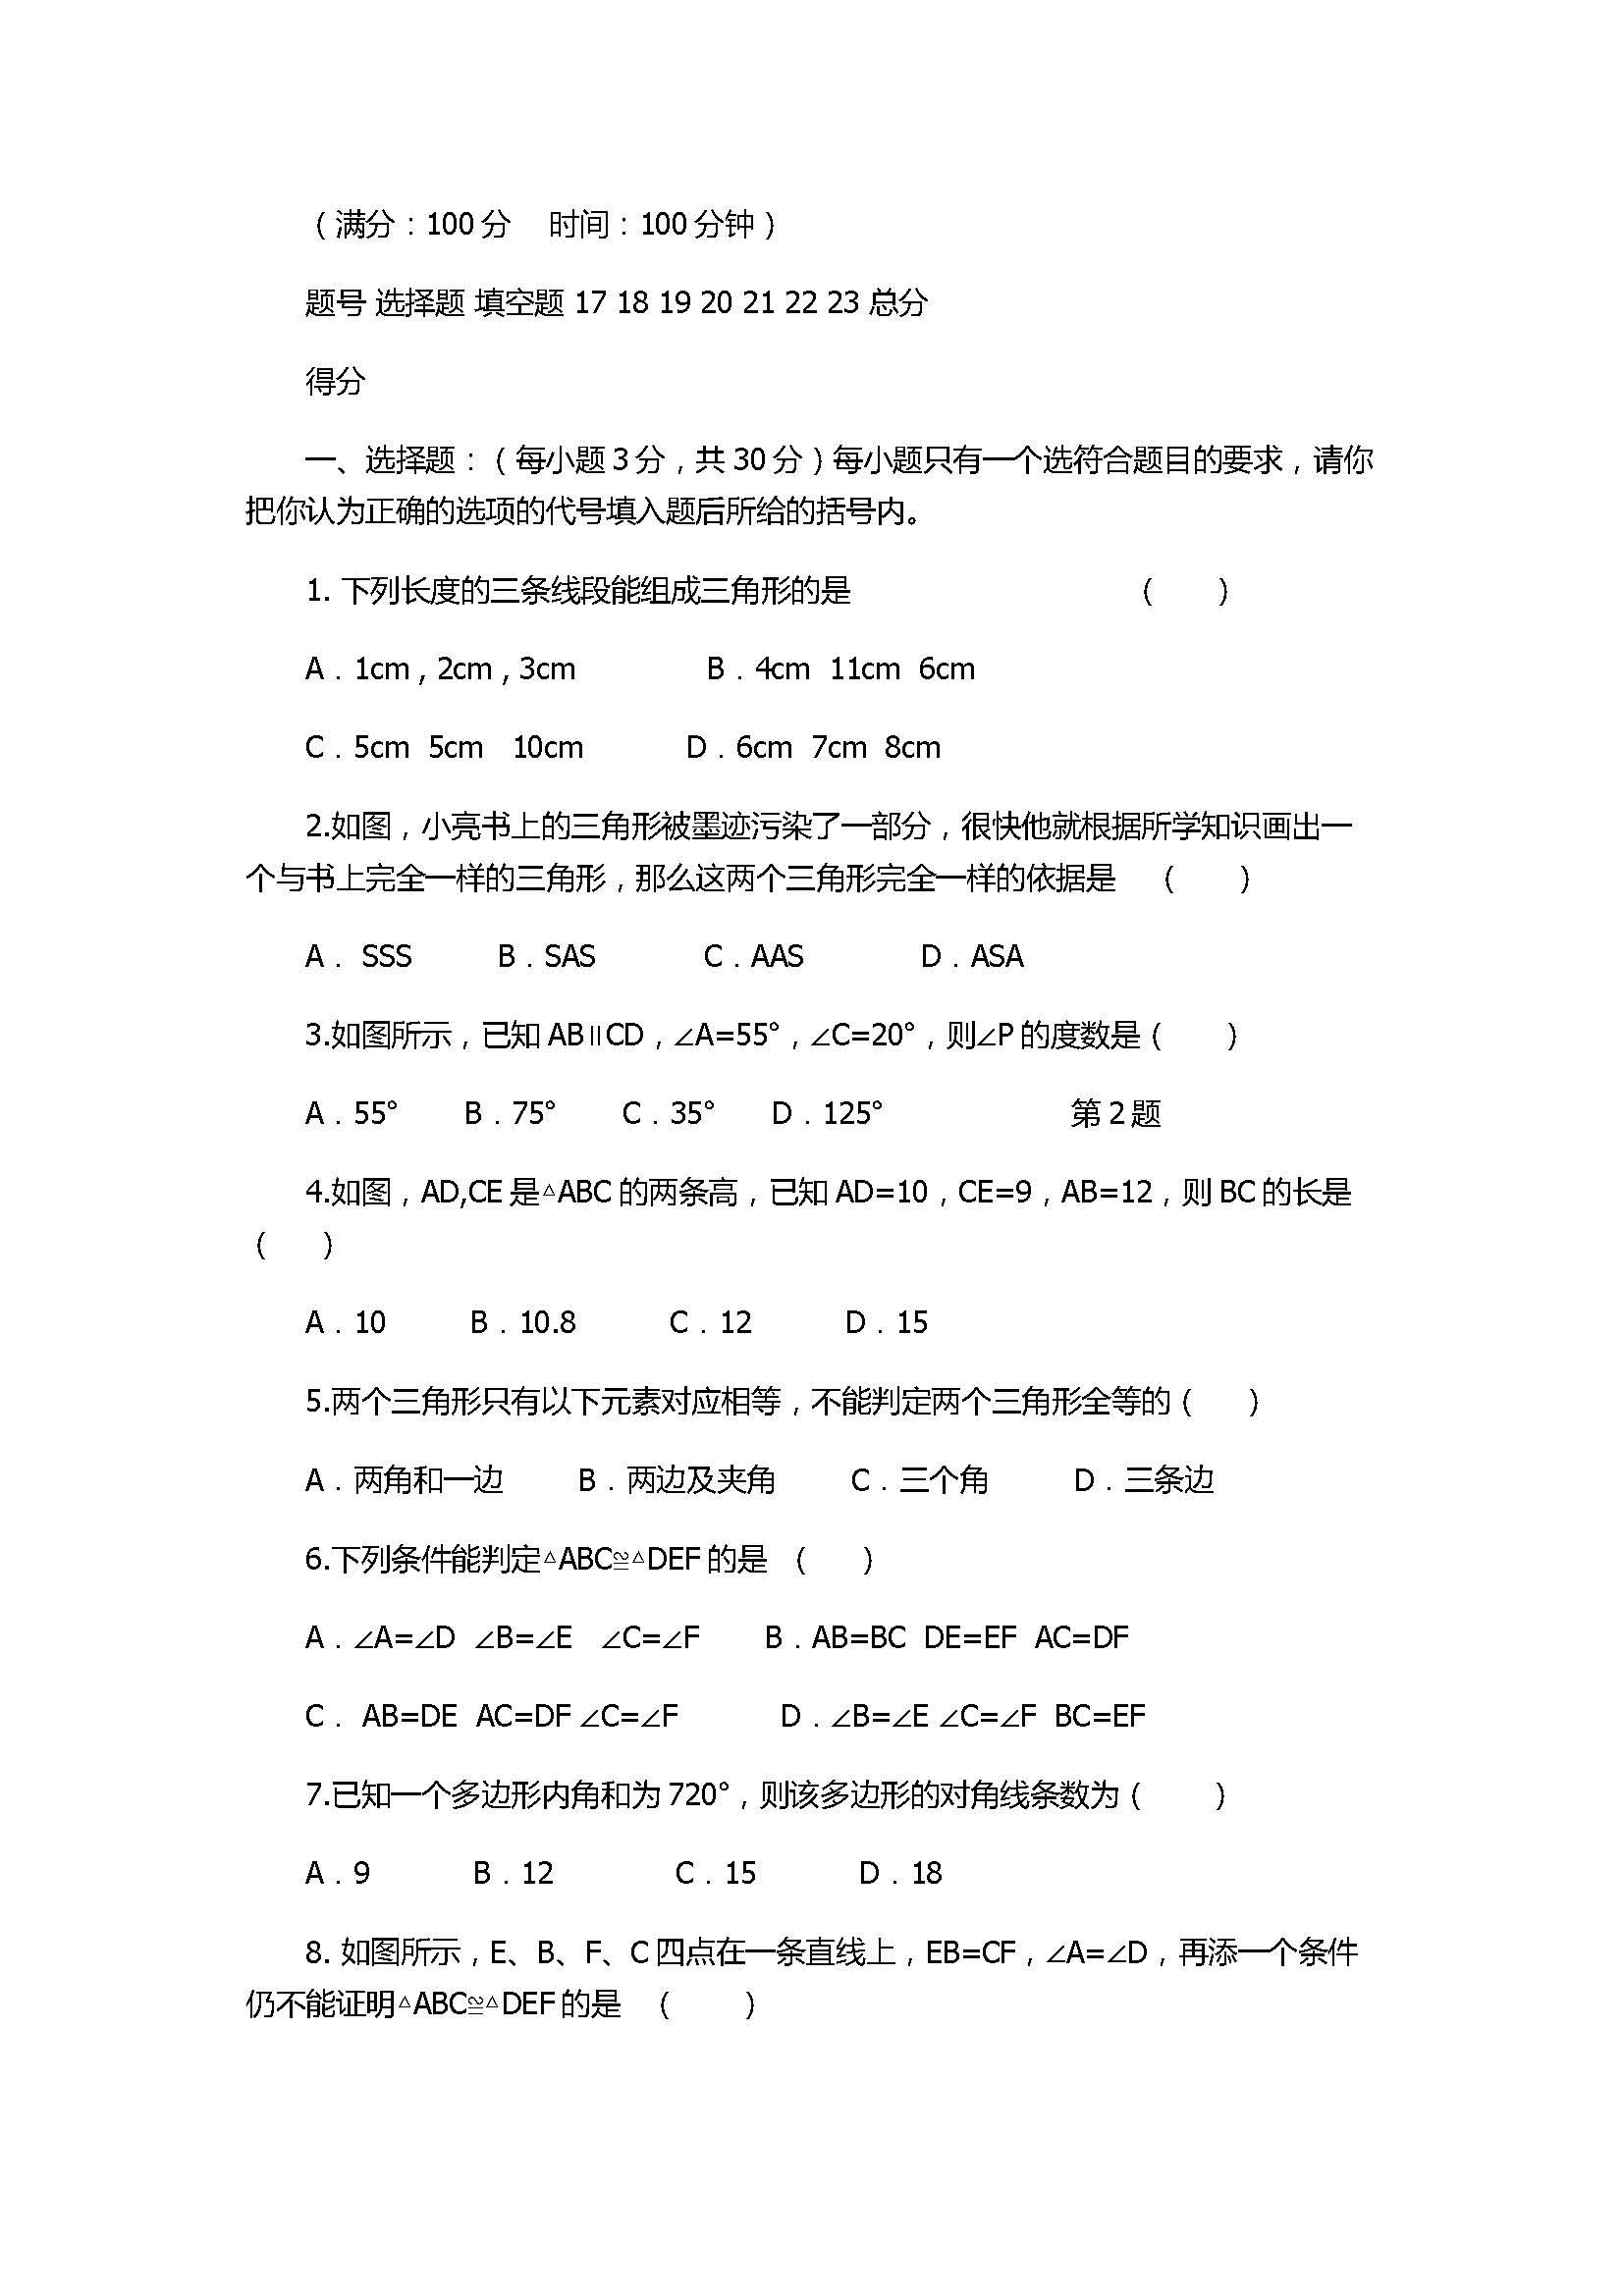 2017八年级数学上册第1次月考测试卷附参考答案(安徽省潘集区)